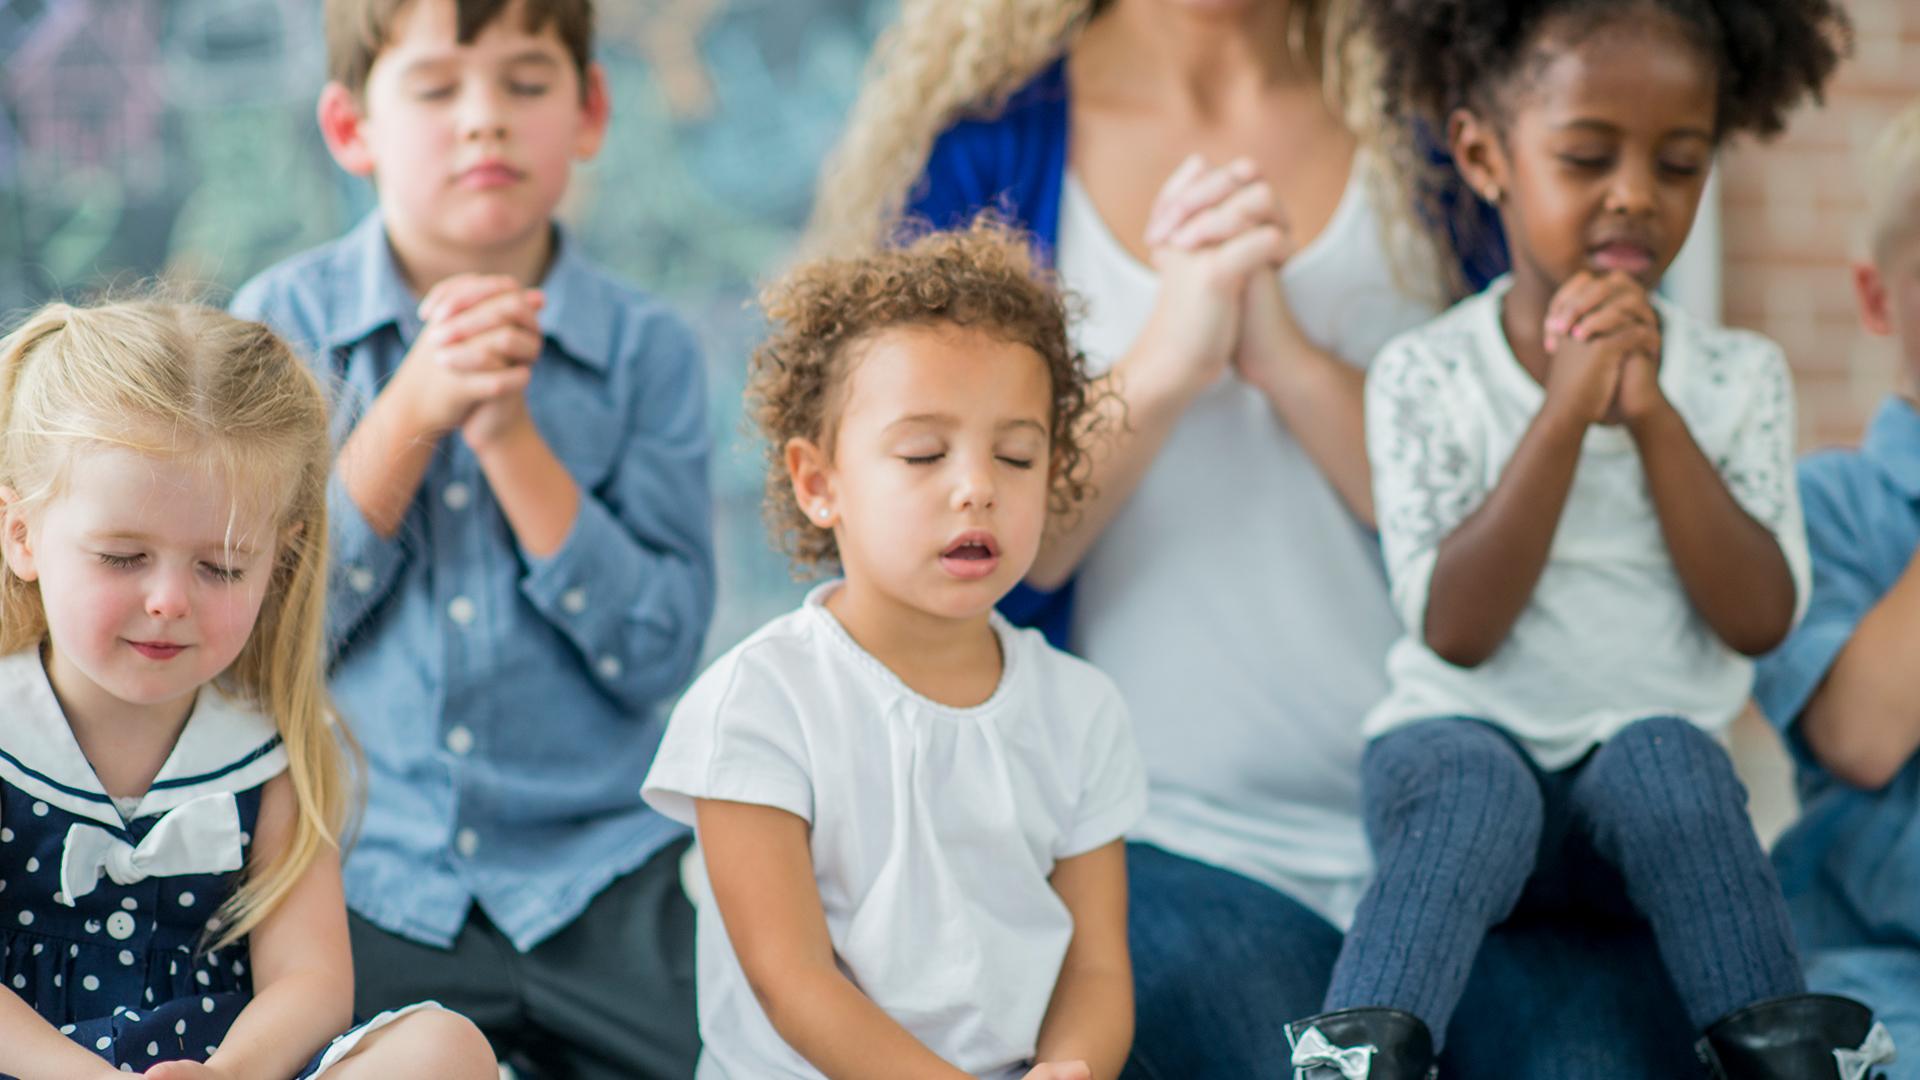 lent-kids-pray